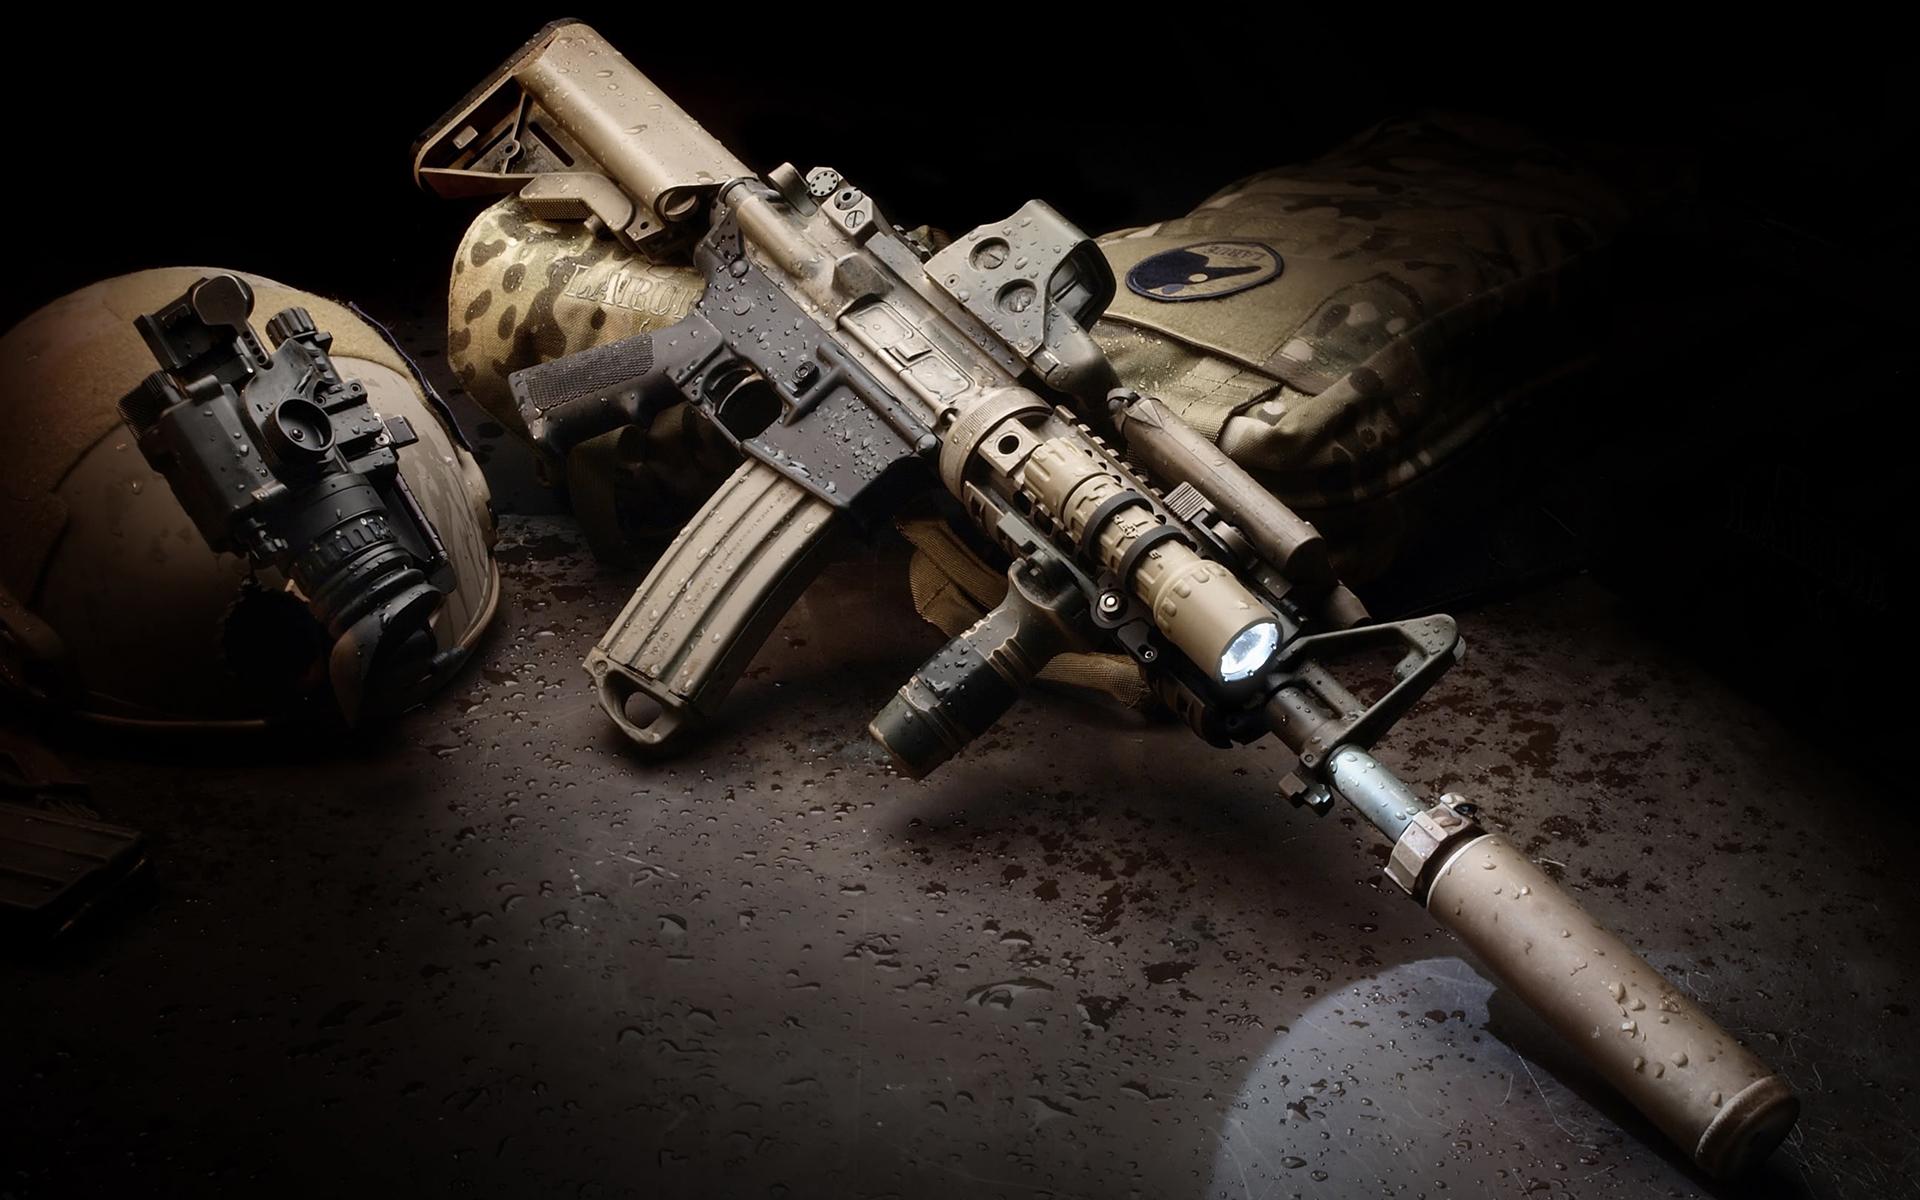 Shotgun Assault Rifle Wallpaper PNG Transparent best stock photos 1920x1200